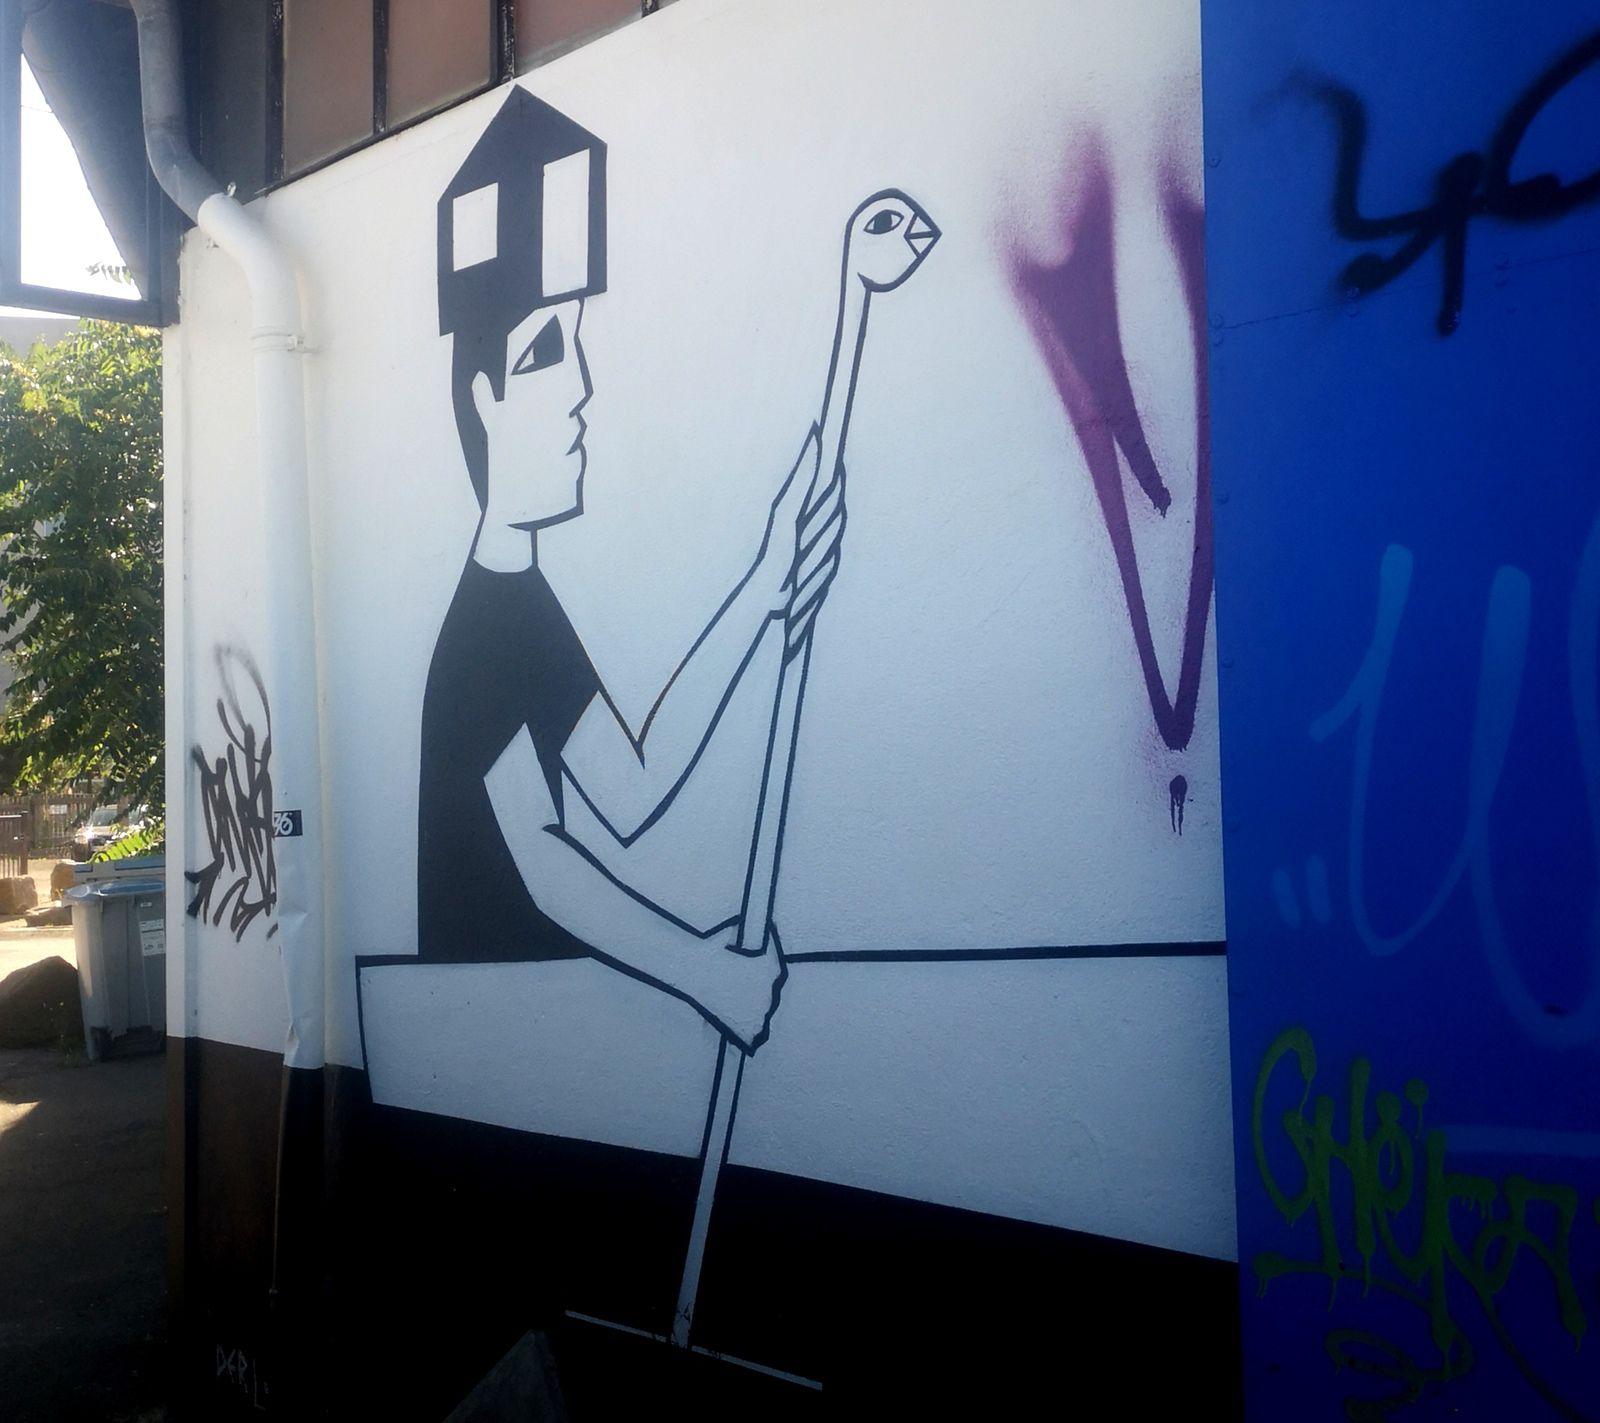 Île de Nantes: les machines de l'île et le street art